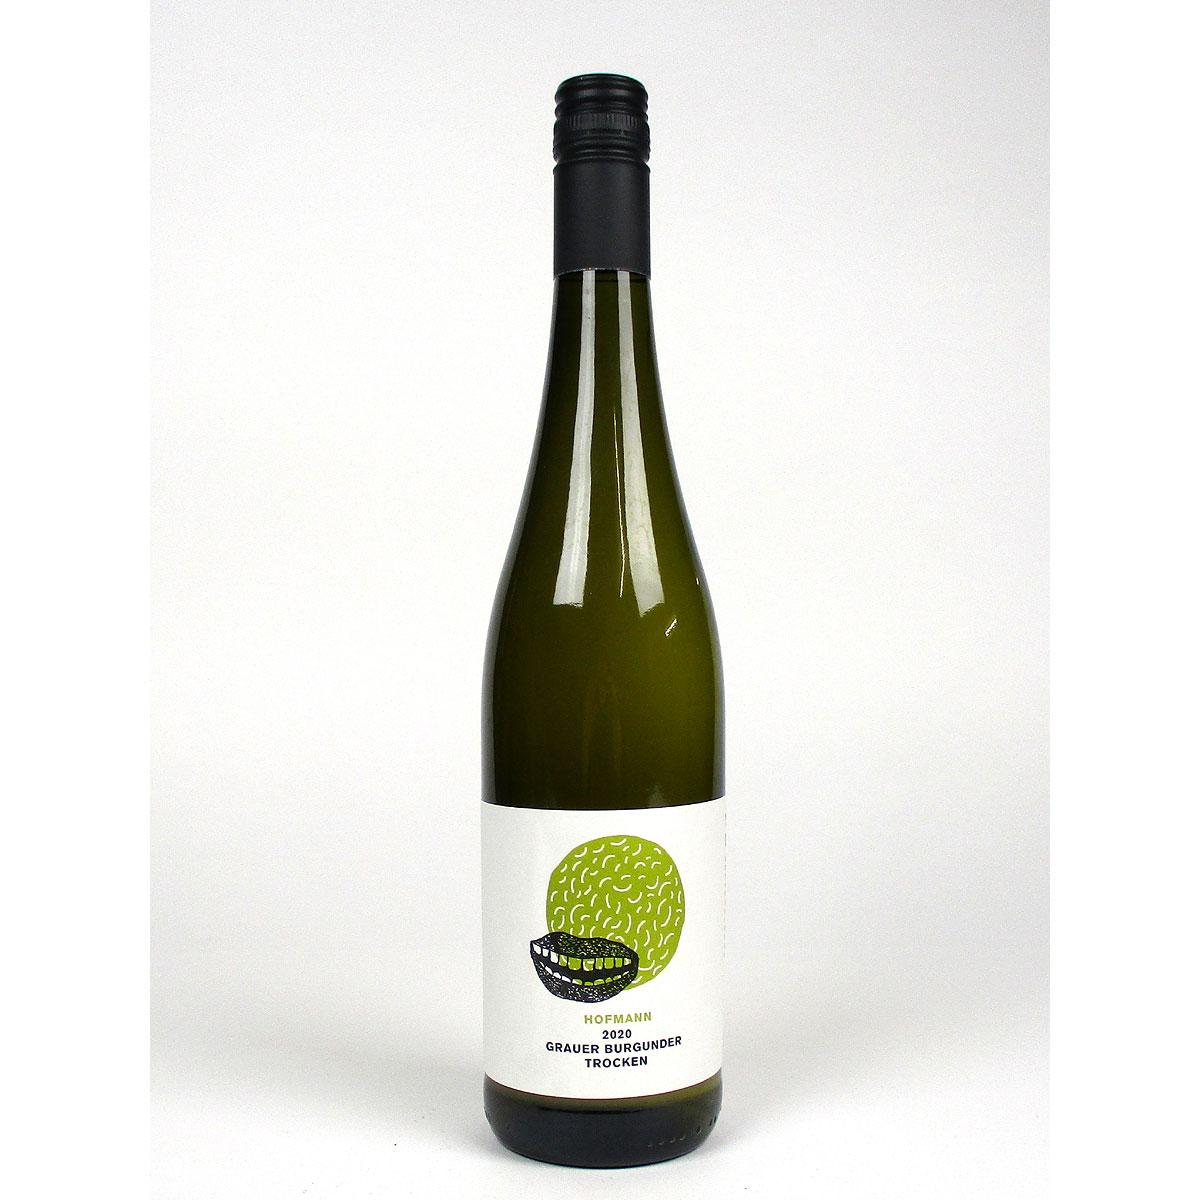 Rheinhessen: Jürgen Hofmann Grauer Burgunder Trocken 2020 - Bottle